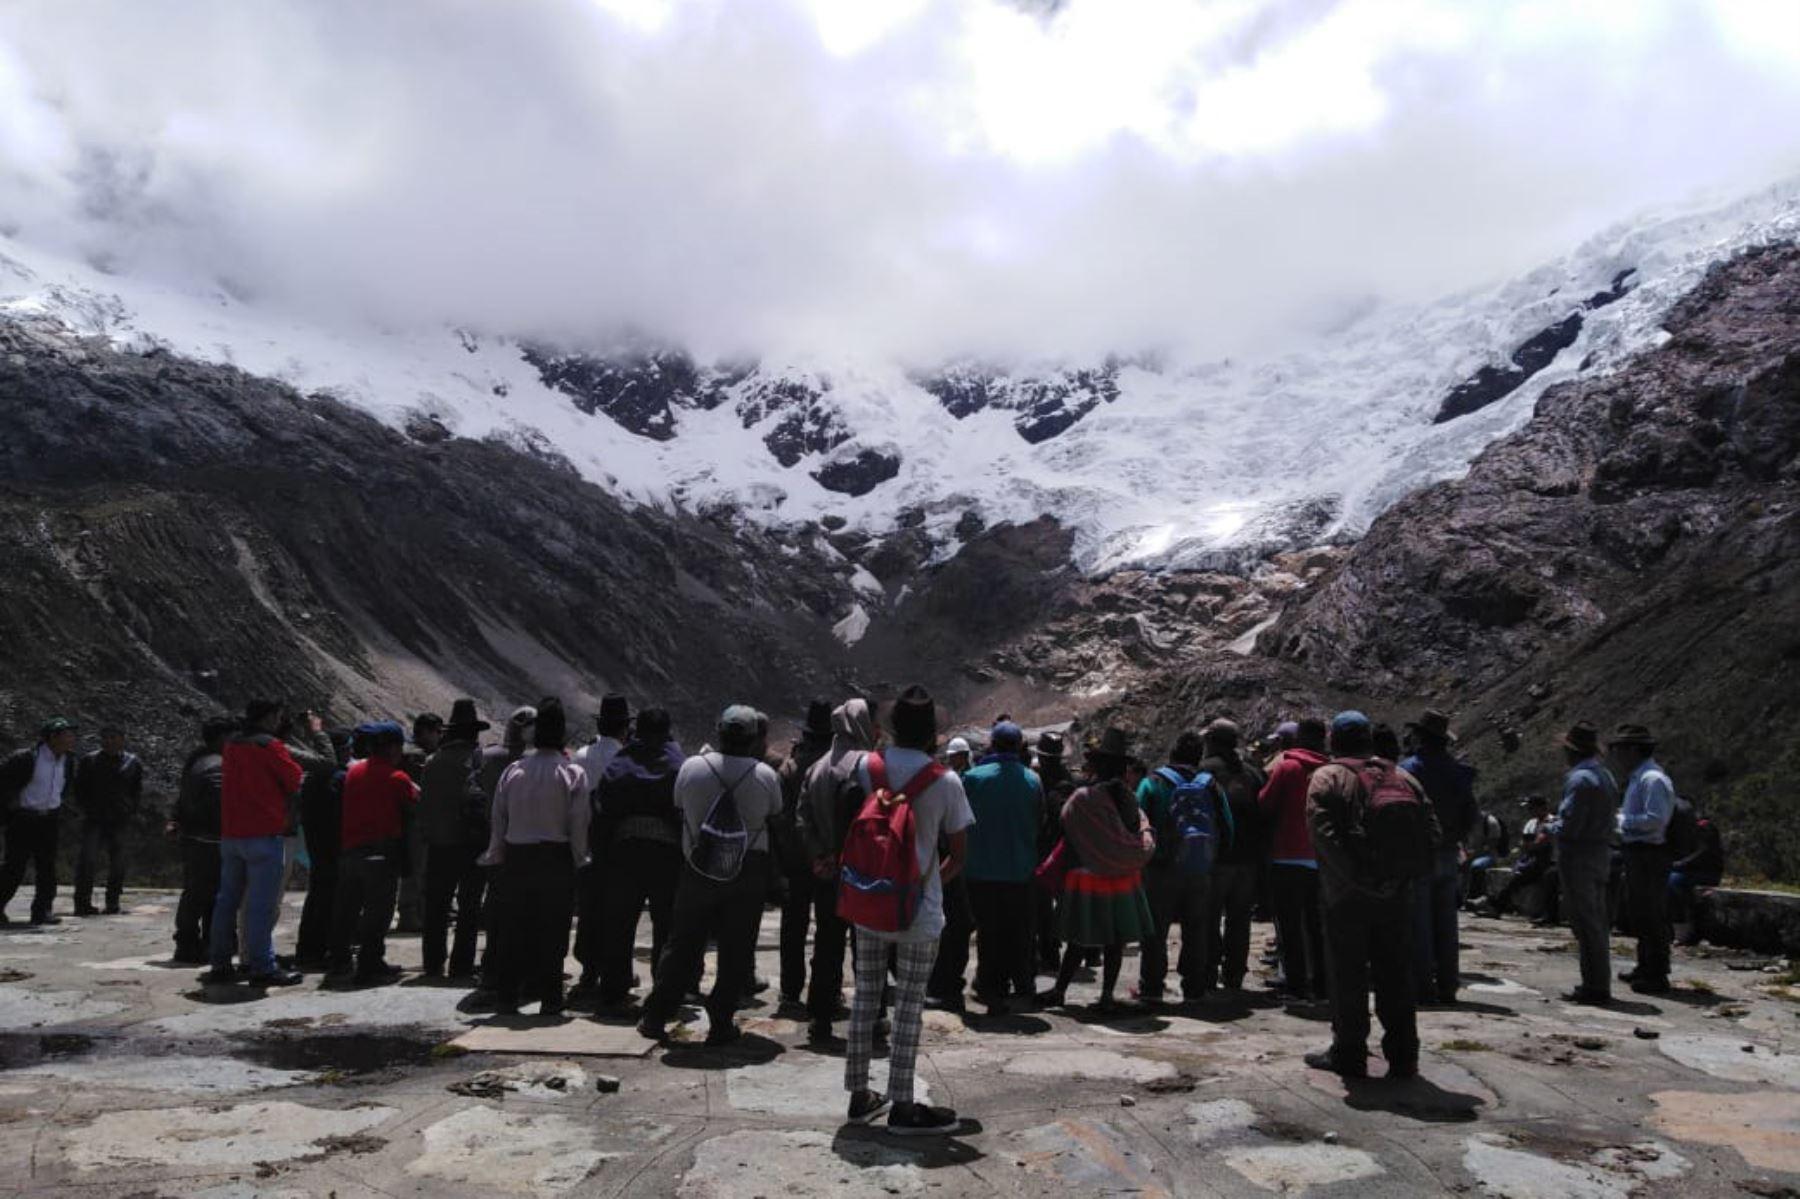 Comunidad campesina de Vicos renuncia a la minería ilegal y apuesta por el ecoturismo rural en el Parque Nacional Huascarán, en Áncash. ANDINA/Difusión